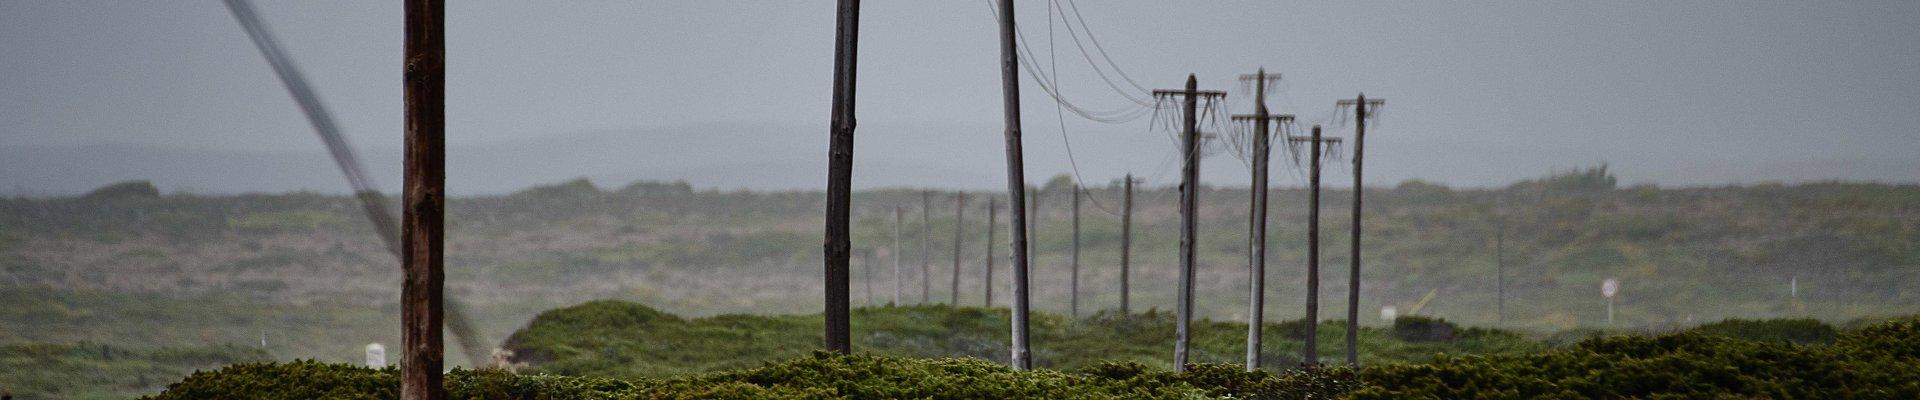 poteau électrique en campagne